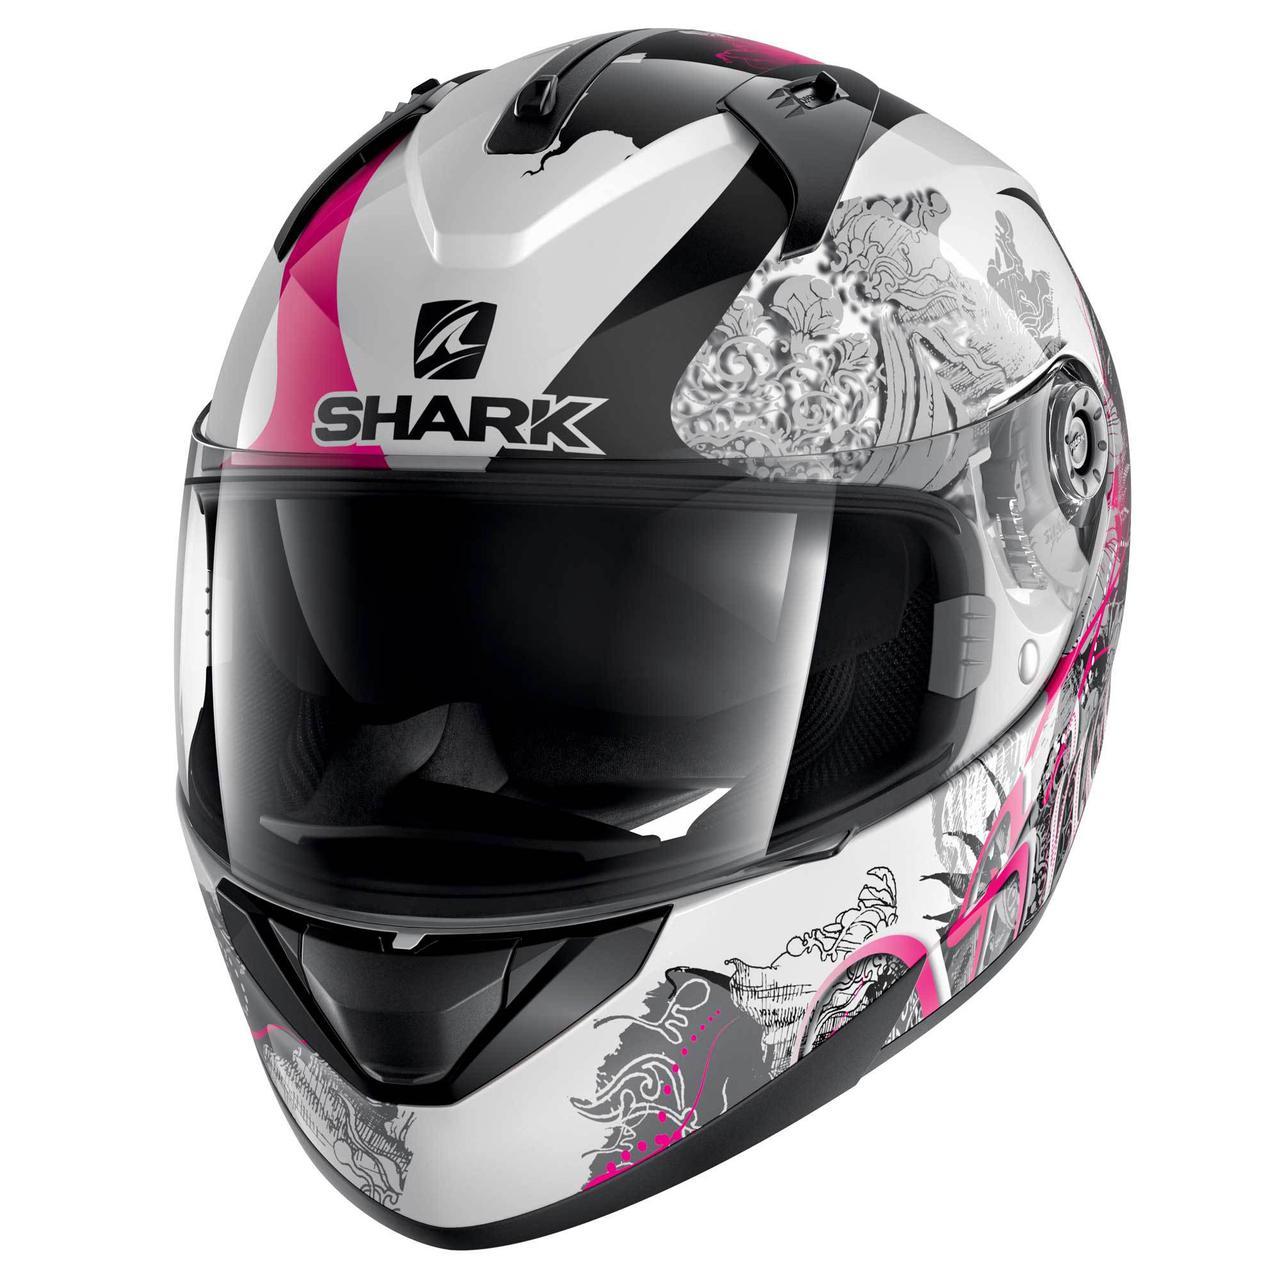 Шлем Shark Ridill Spring р.XS, черно-бело-розовый